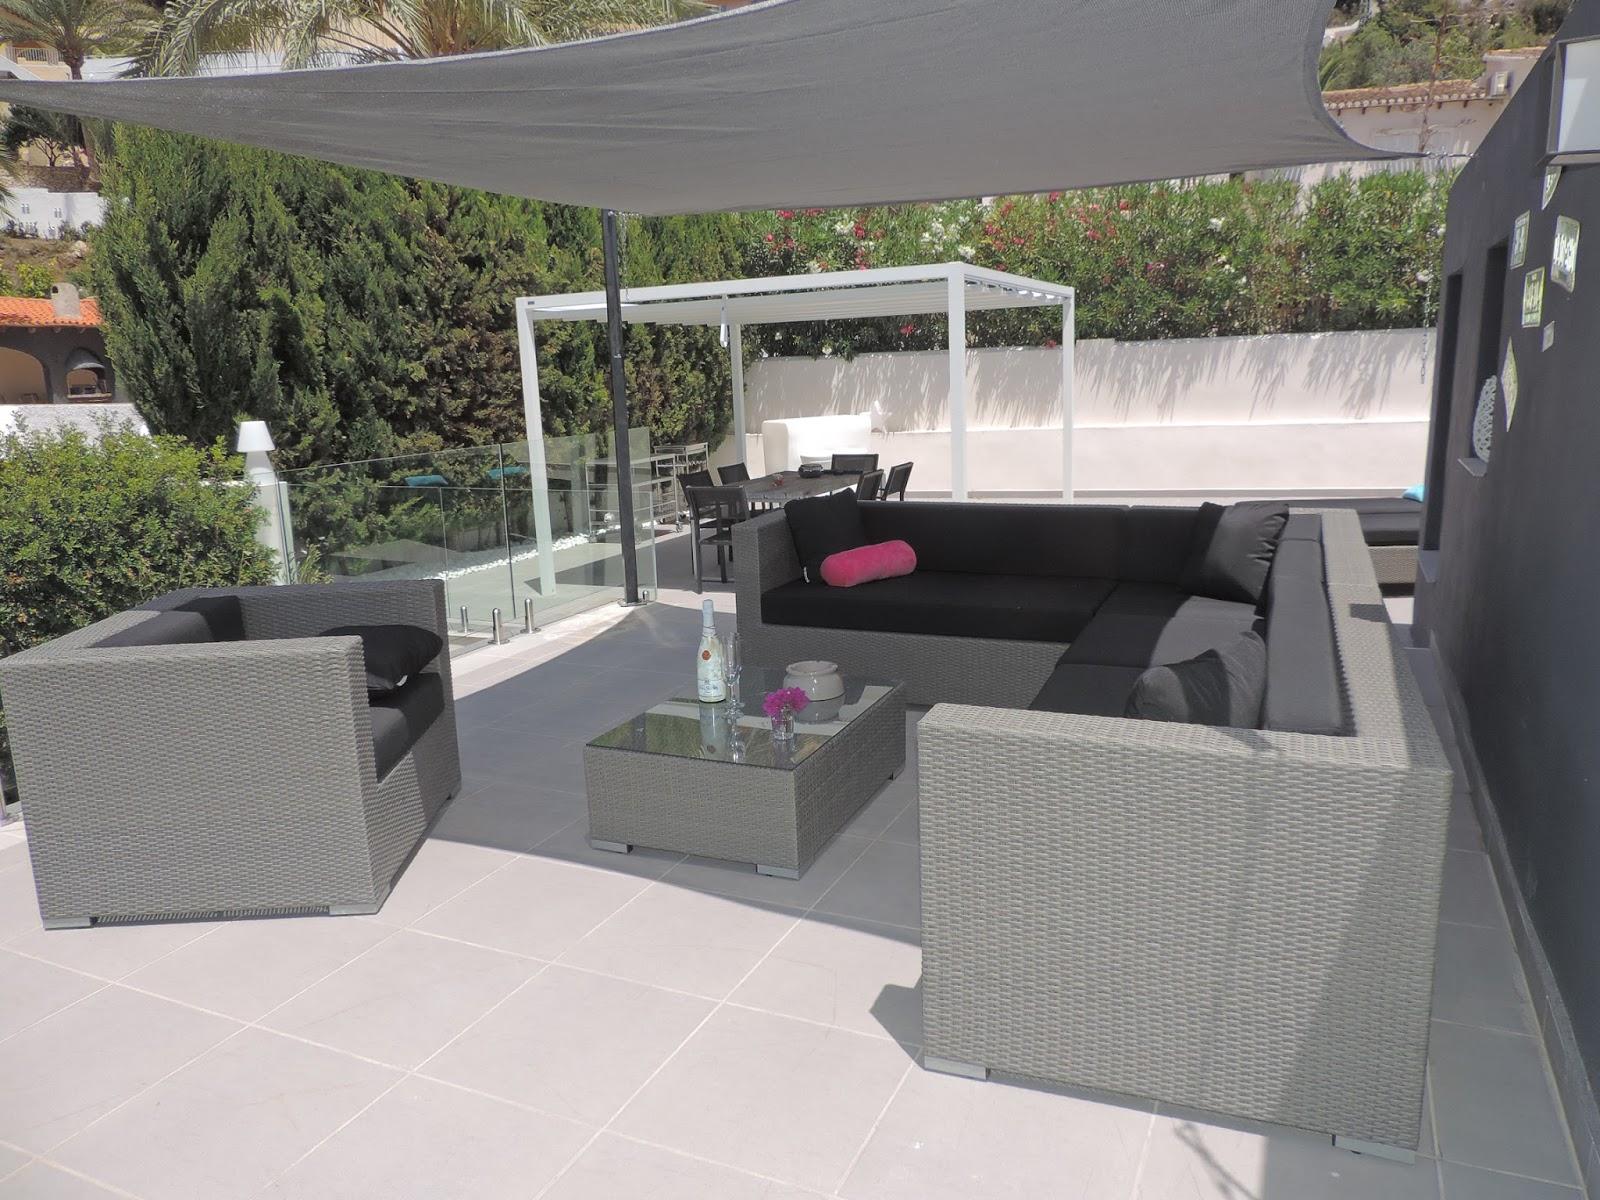 Arbrini design tuinmeubelen wat maakt je terras af een loungeset en ligbedden - Lounge design grijs ...